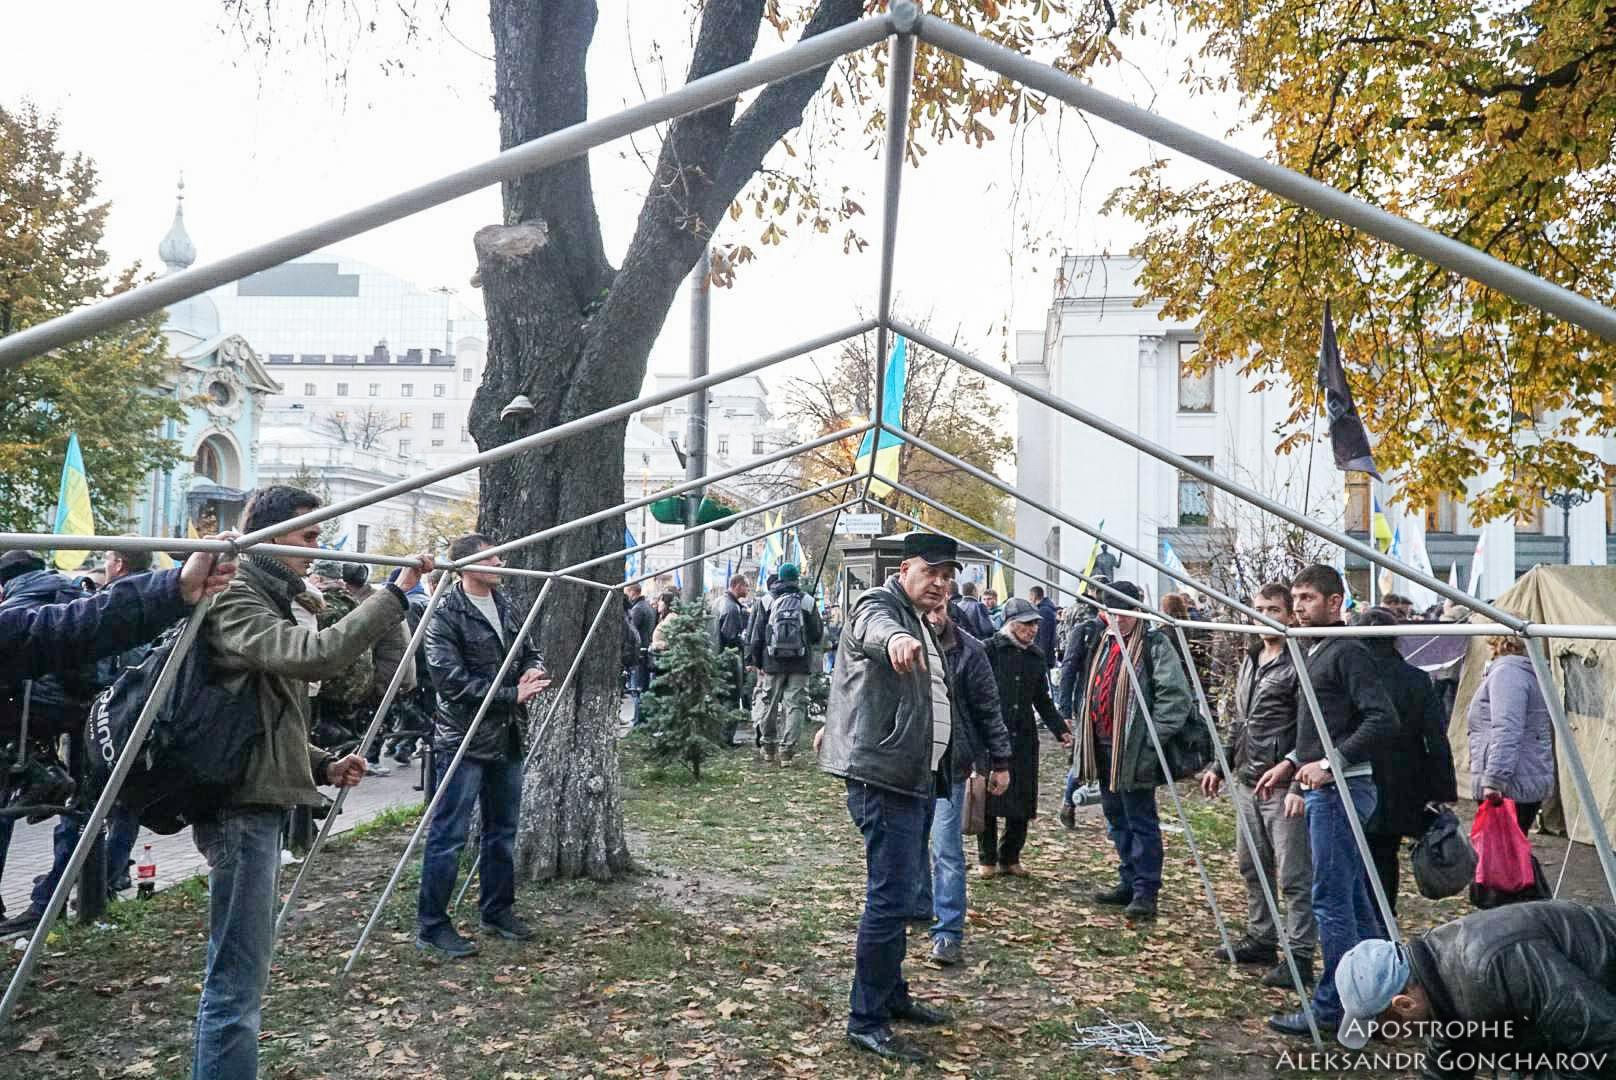 НОВЫЙ МАЙДАН? В центре Киева выставляют палатки. Акция протеста продолжается